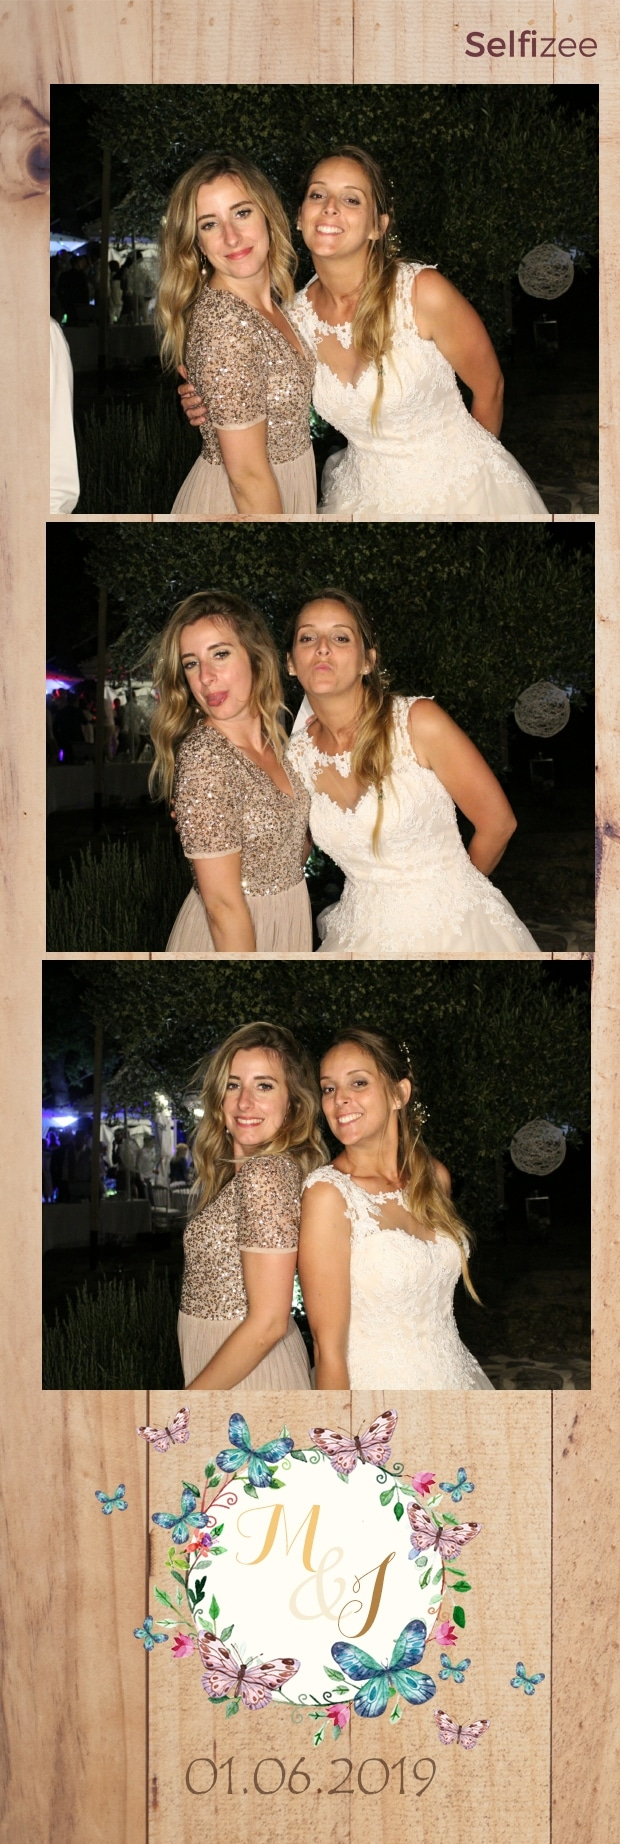 Photo mariage personnalisée et animation photobooth Cannes - location borne selfie mariage à Cannes et dans les Alpes Maritimes